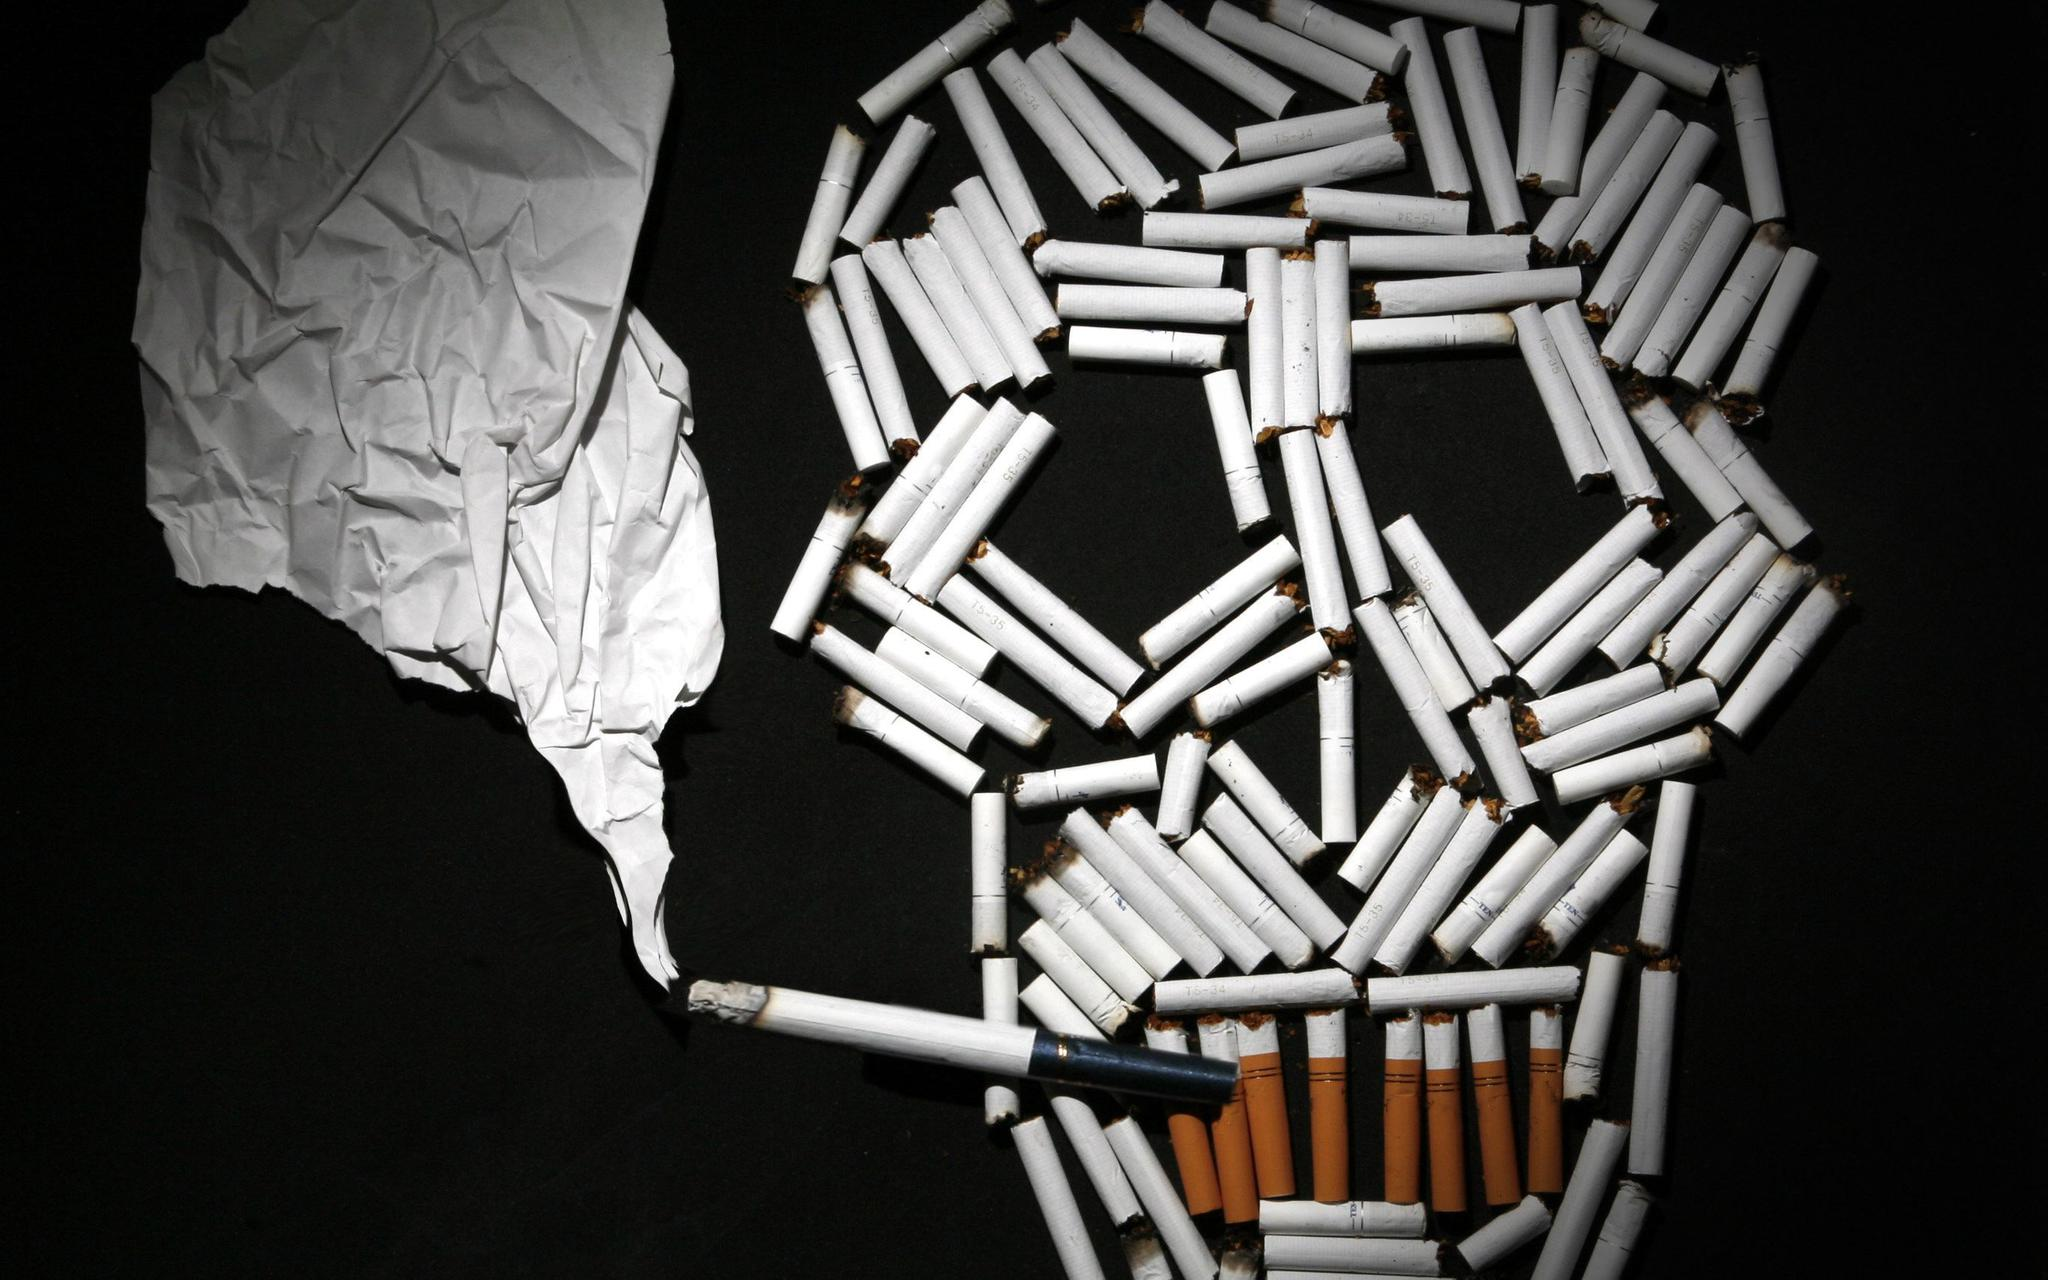 世界无烟日丨烟瘾越来越大 不妨试下心理戒烟法图片